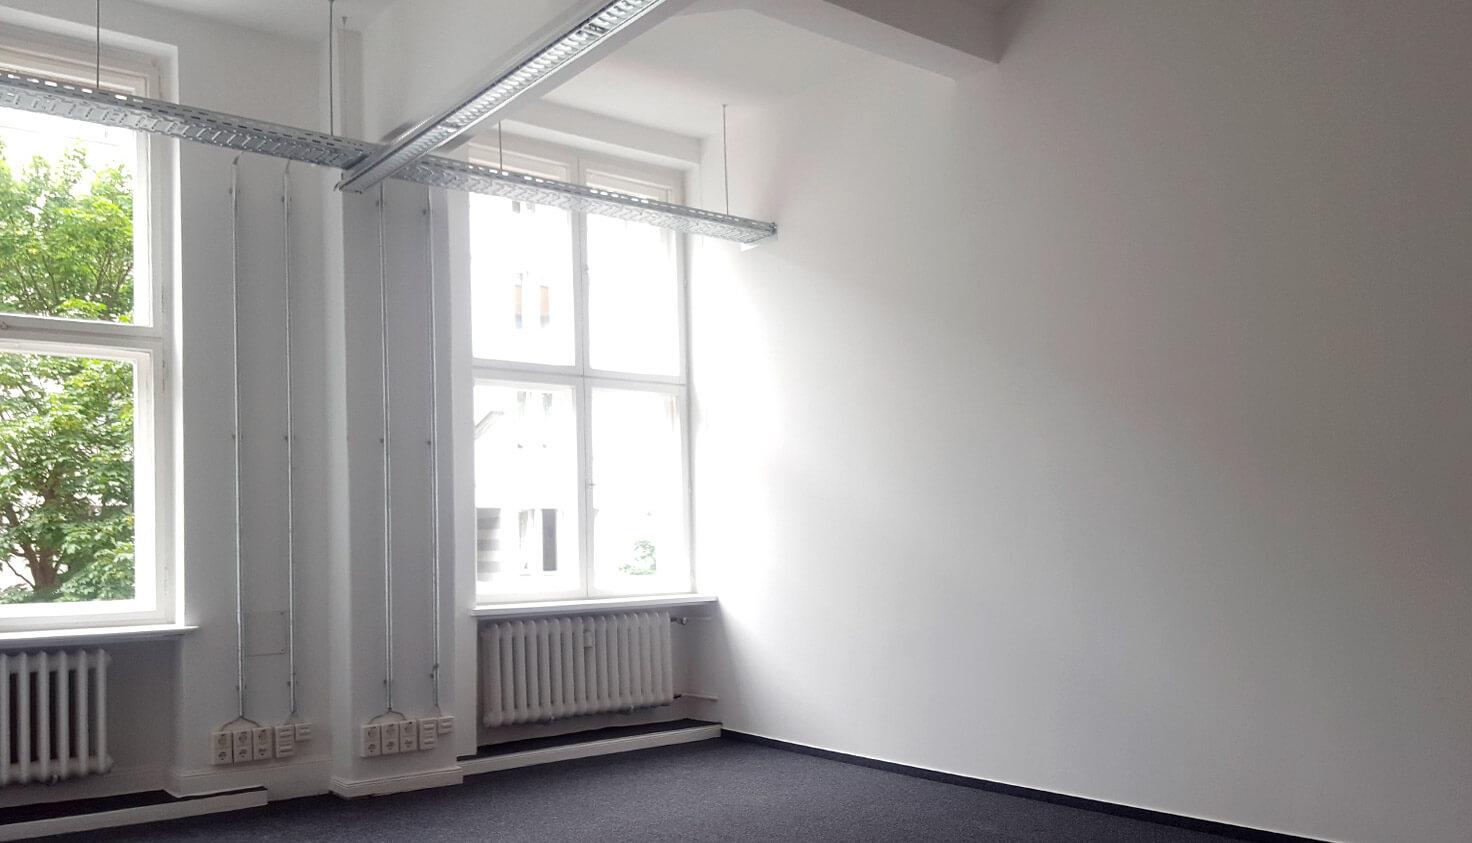 Büros Dessauer Straße - Referenz Malerbetrieb Kluge Berlin